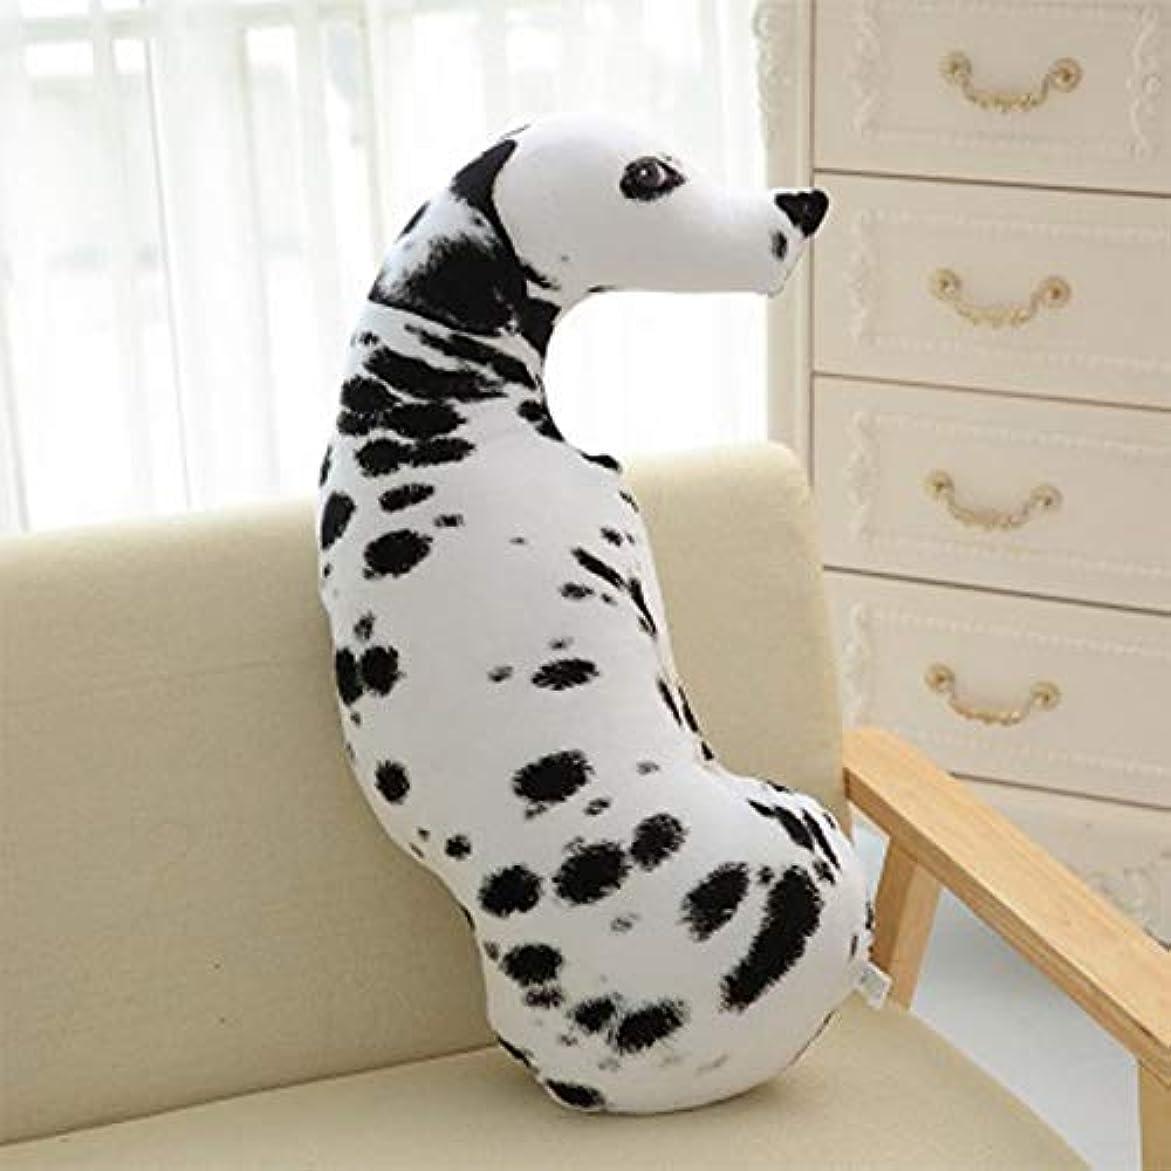 キャビン共産主義者サスティーンLIFE 3D プリントシミュレーション犬ぬいぐるみクッションぬいぐるみ犬ぬいぐるみ枕ぬいぐるみの漫画クッションキッズ人形ベストギフト クッション 椅子